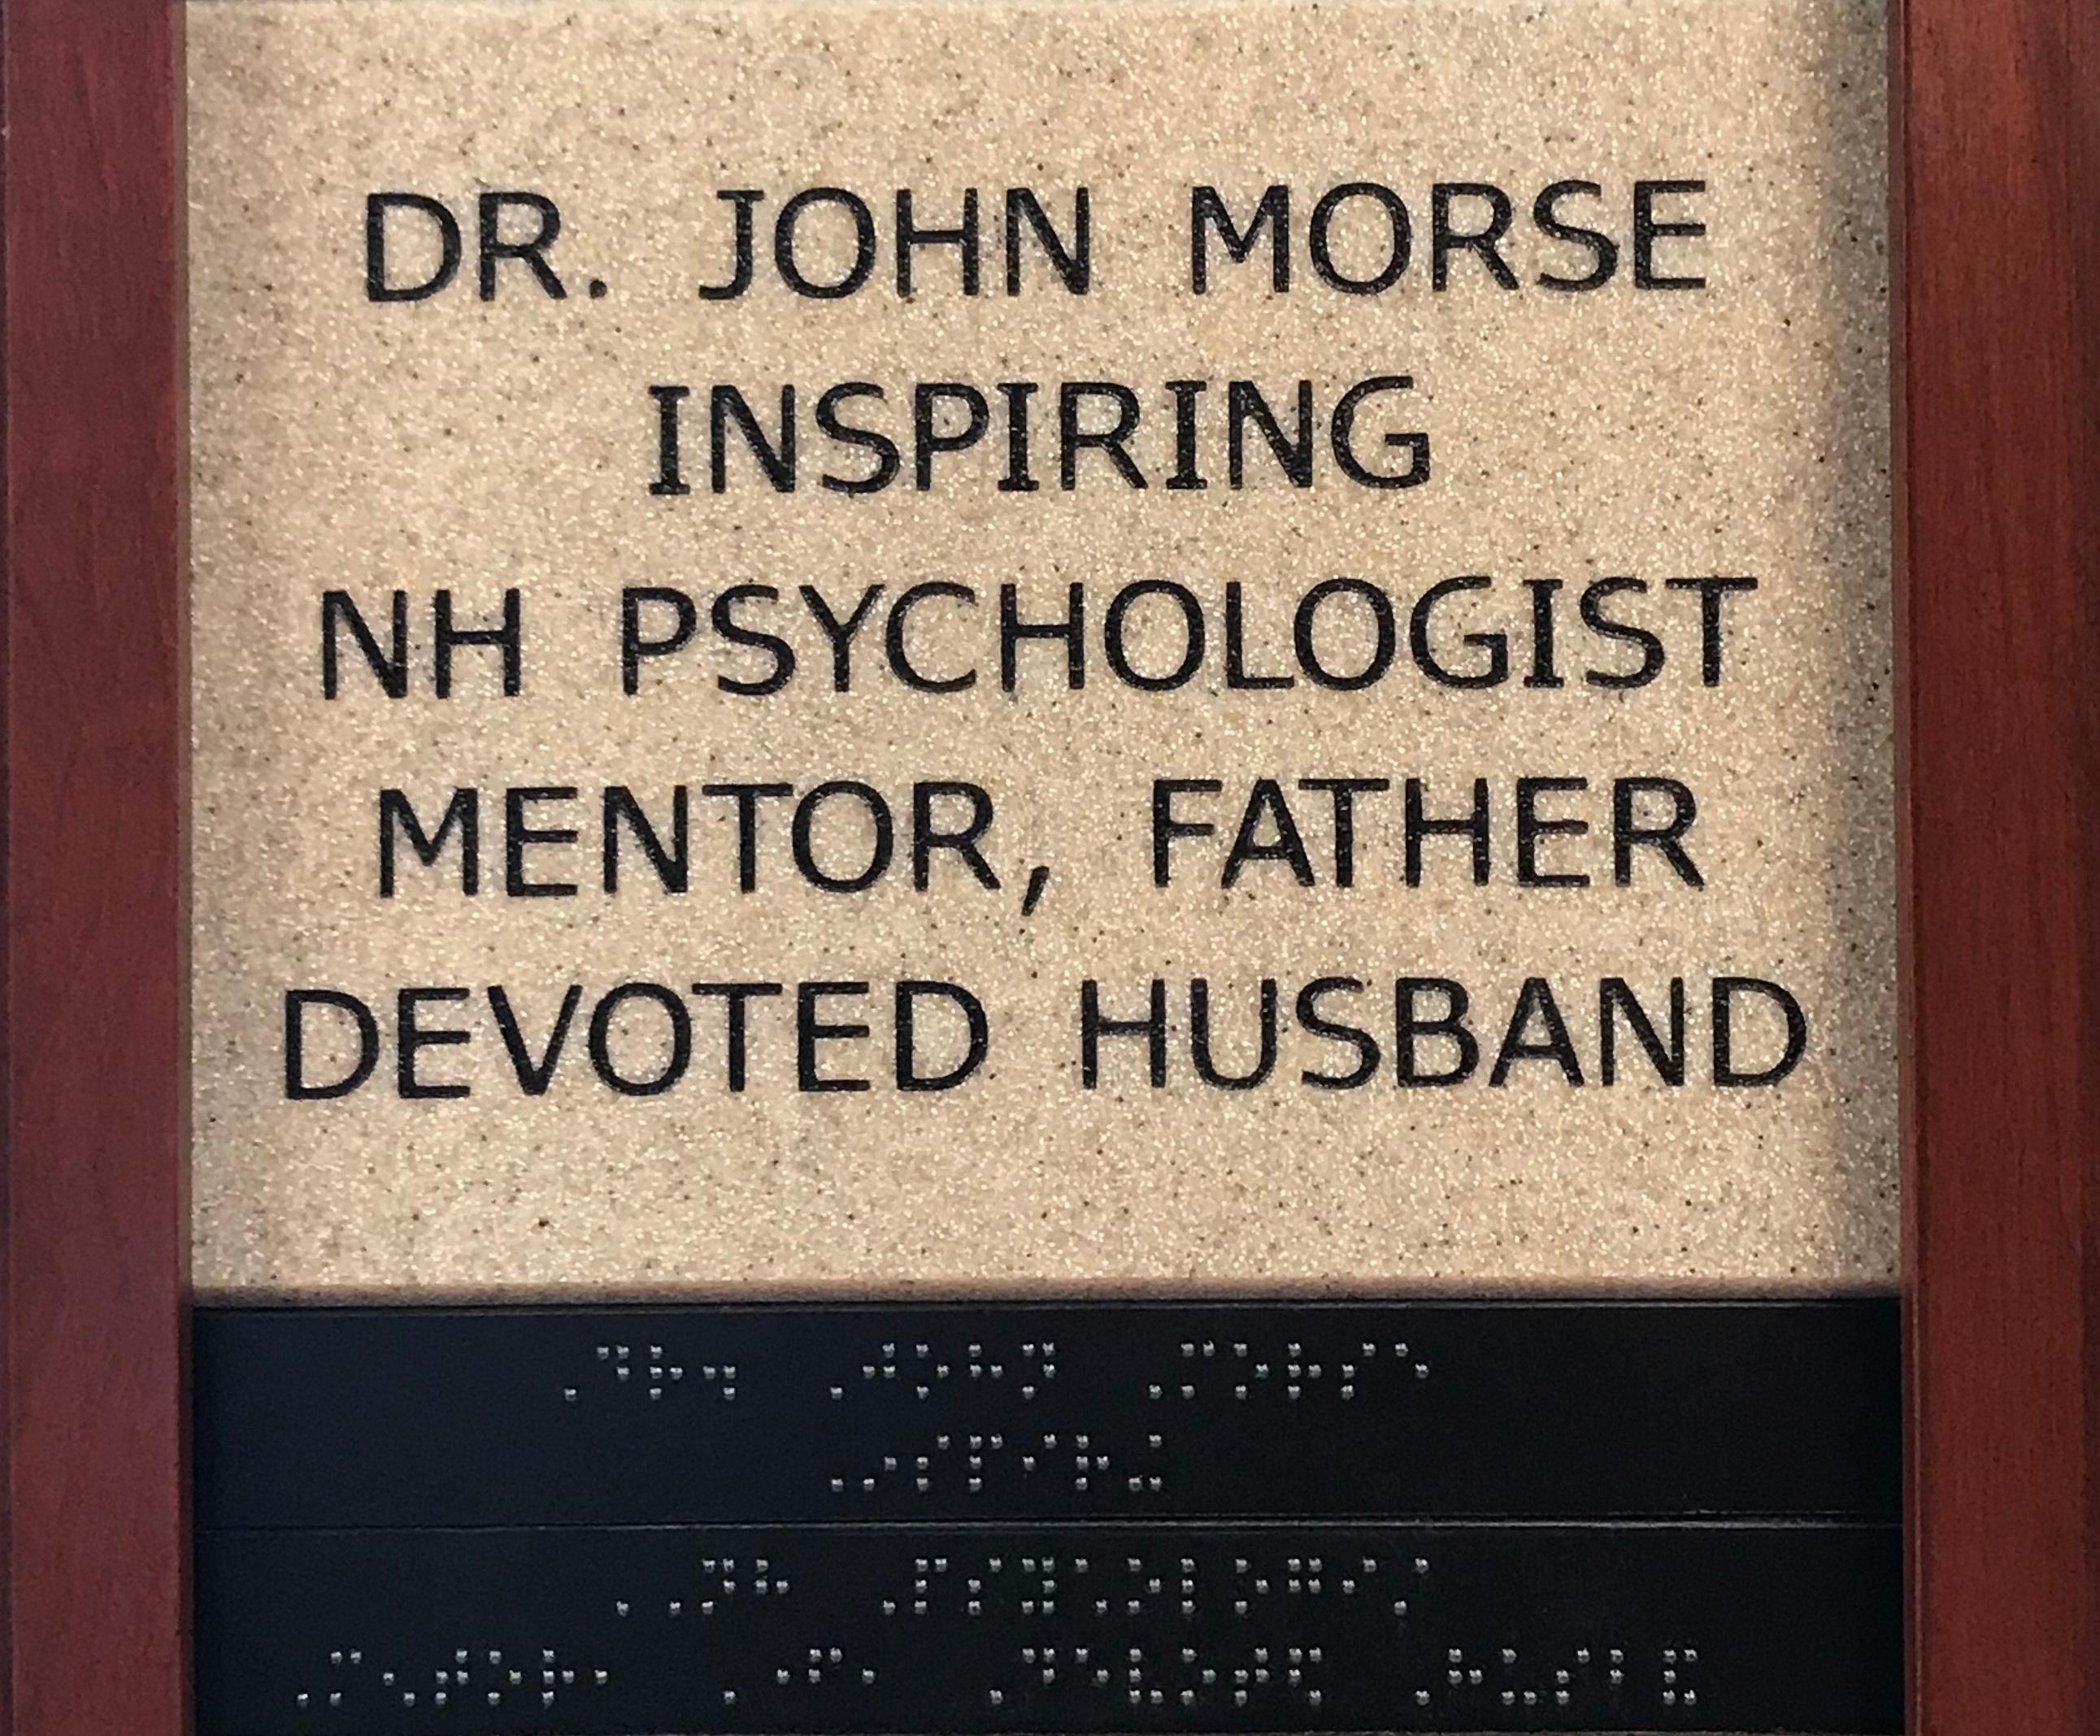 Dr. John Morse, Inspiring NH Psychologist, Mentor, Father, Devoted Husband